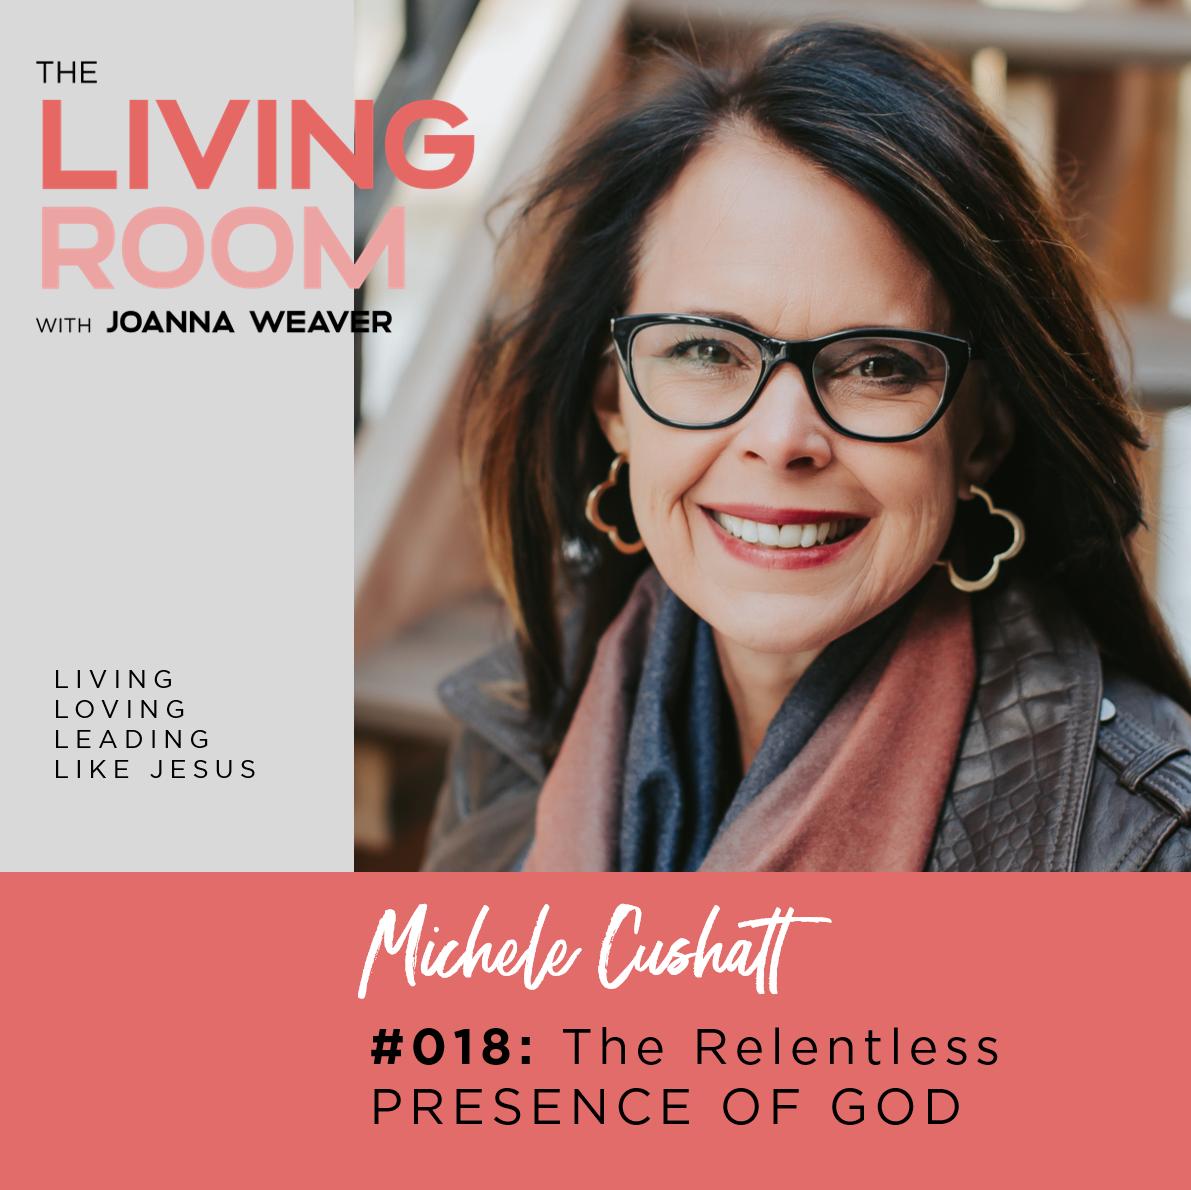 The Relentless Presence of God - Michele Cushatt TLR 018